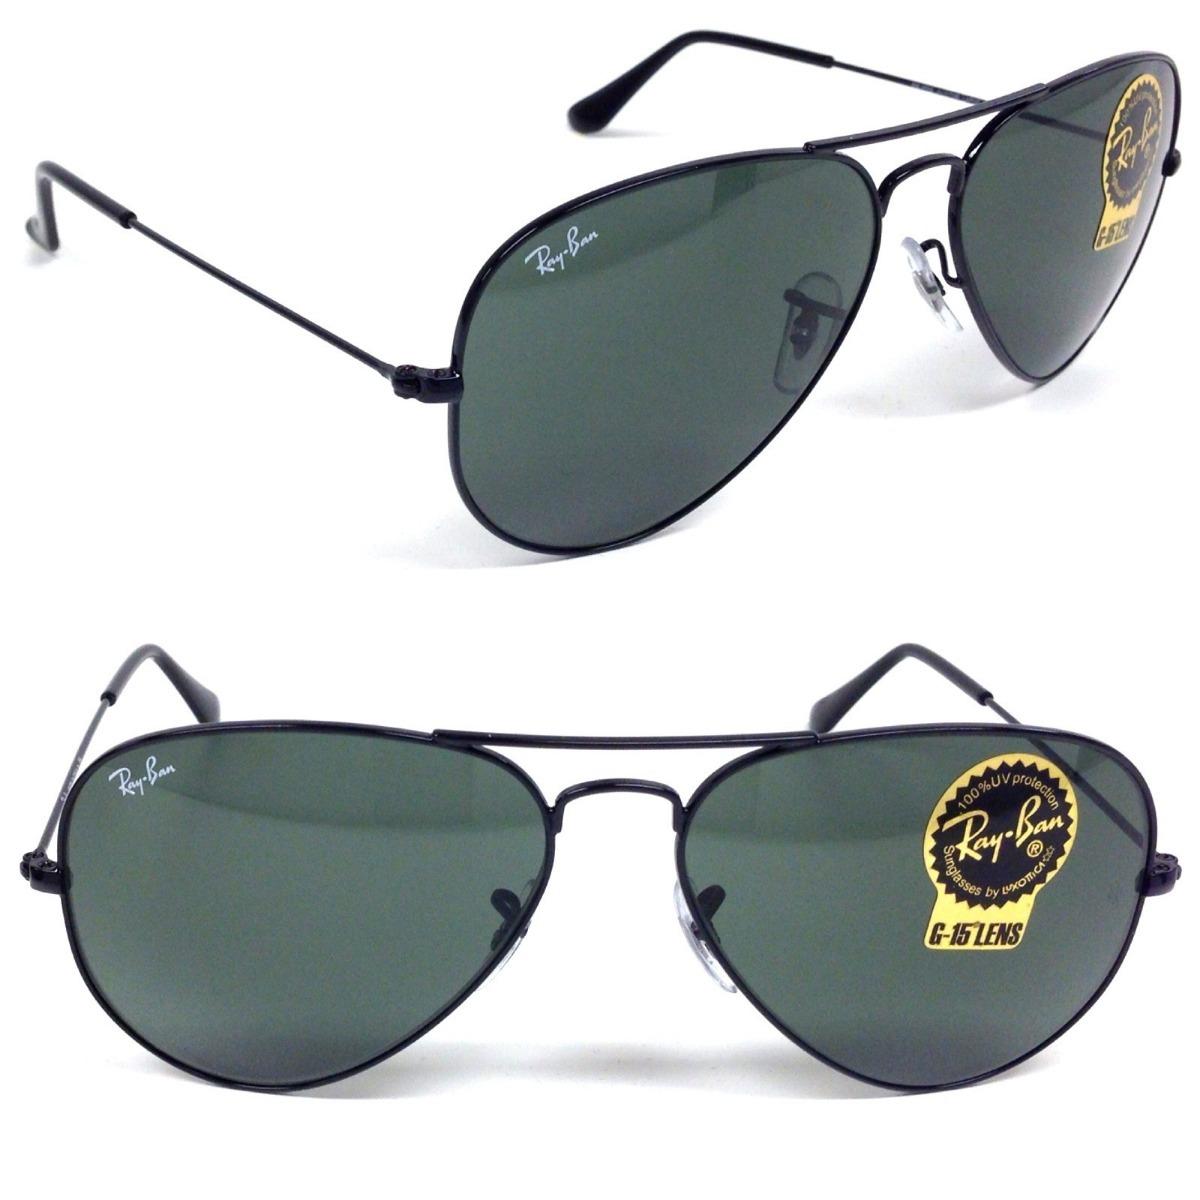 6bc2457cd óculos sol ray-ban aviador preto masculino feminino original. Carregando  zoom.